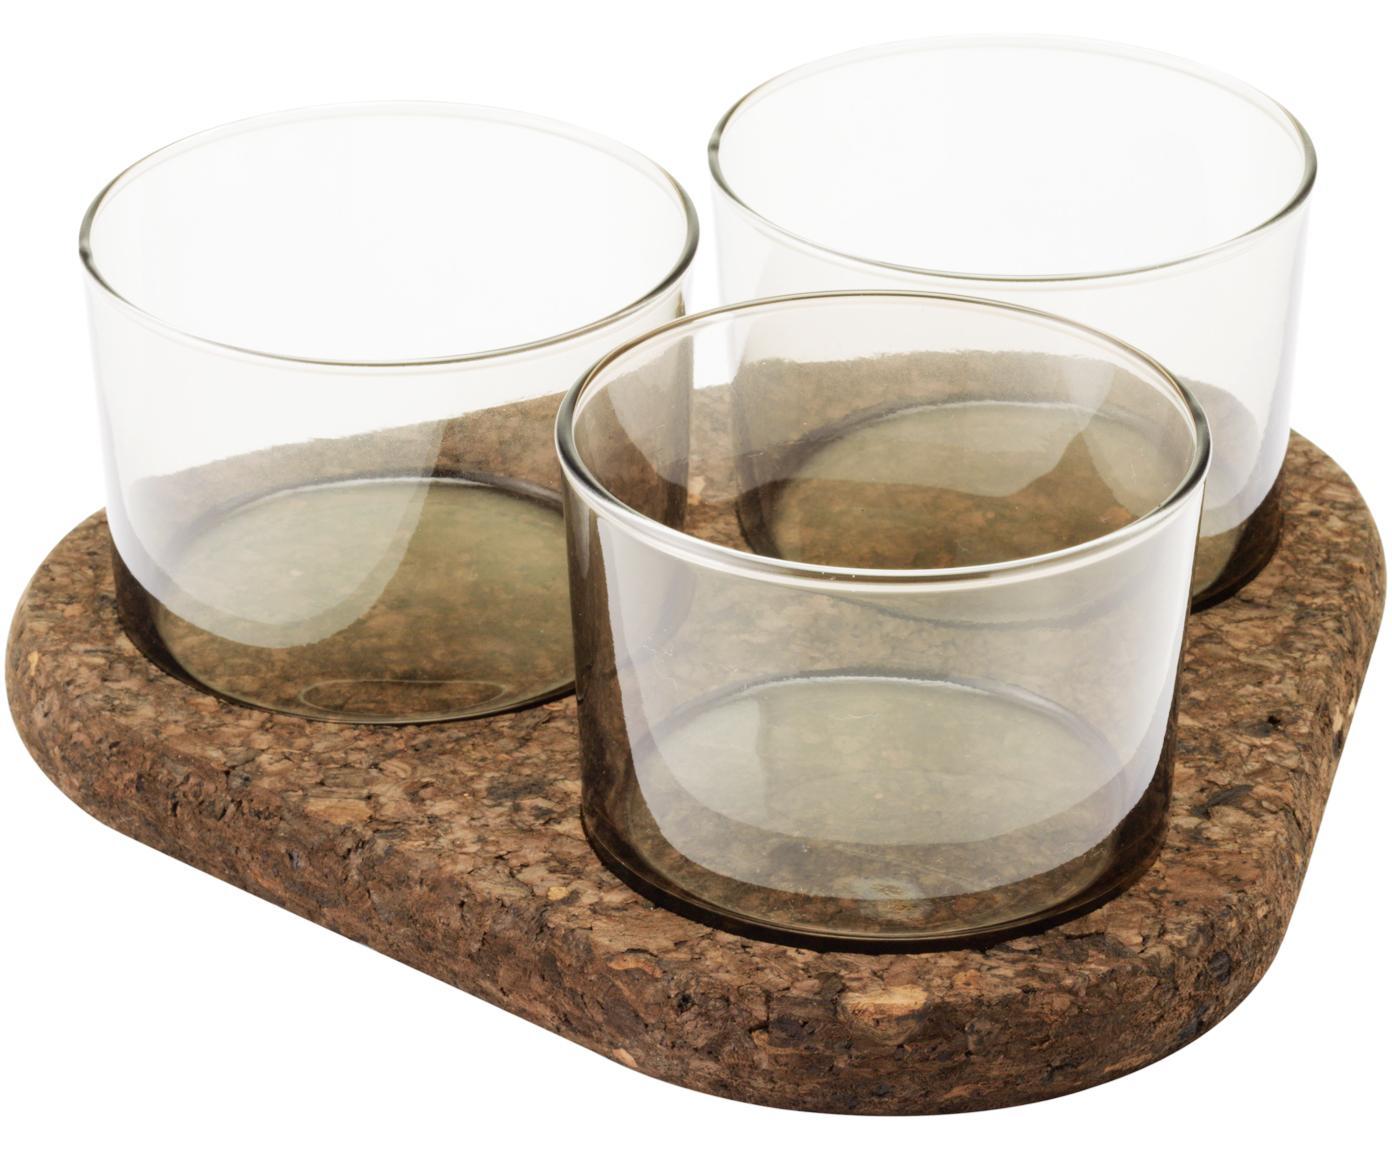 Servierschalen-Set Raw, 4-tlg., Glas, Kork, Transparent, Braun, Sondergrößen